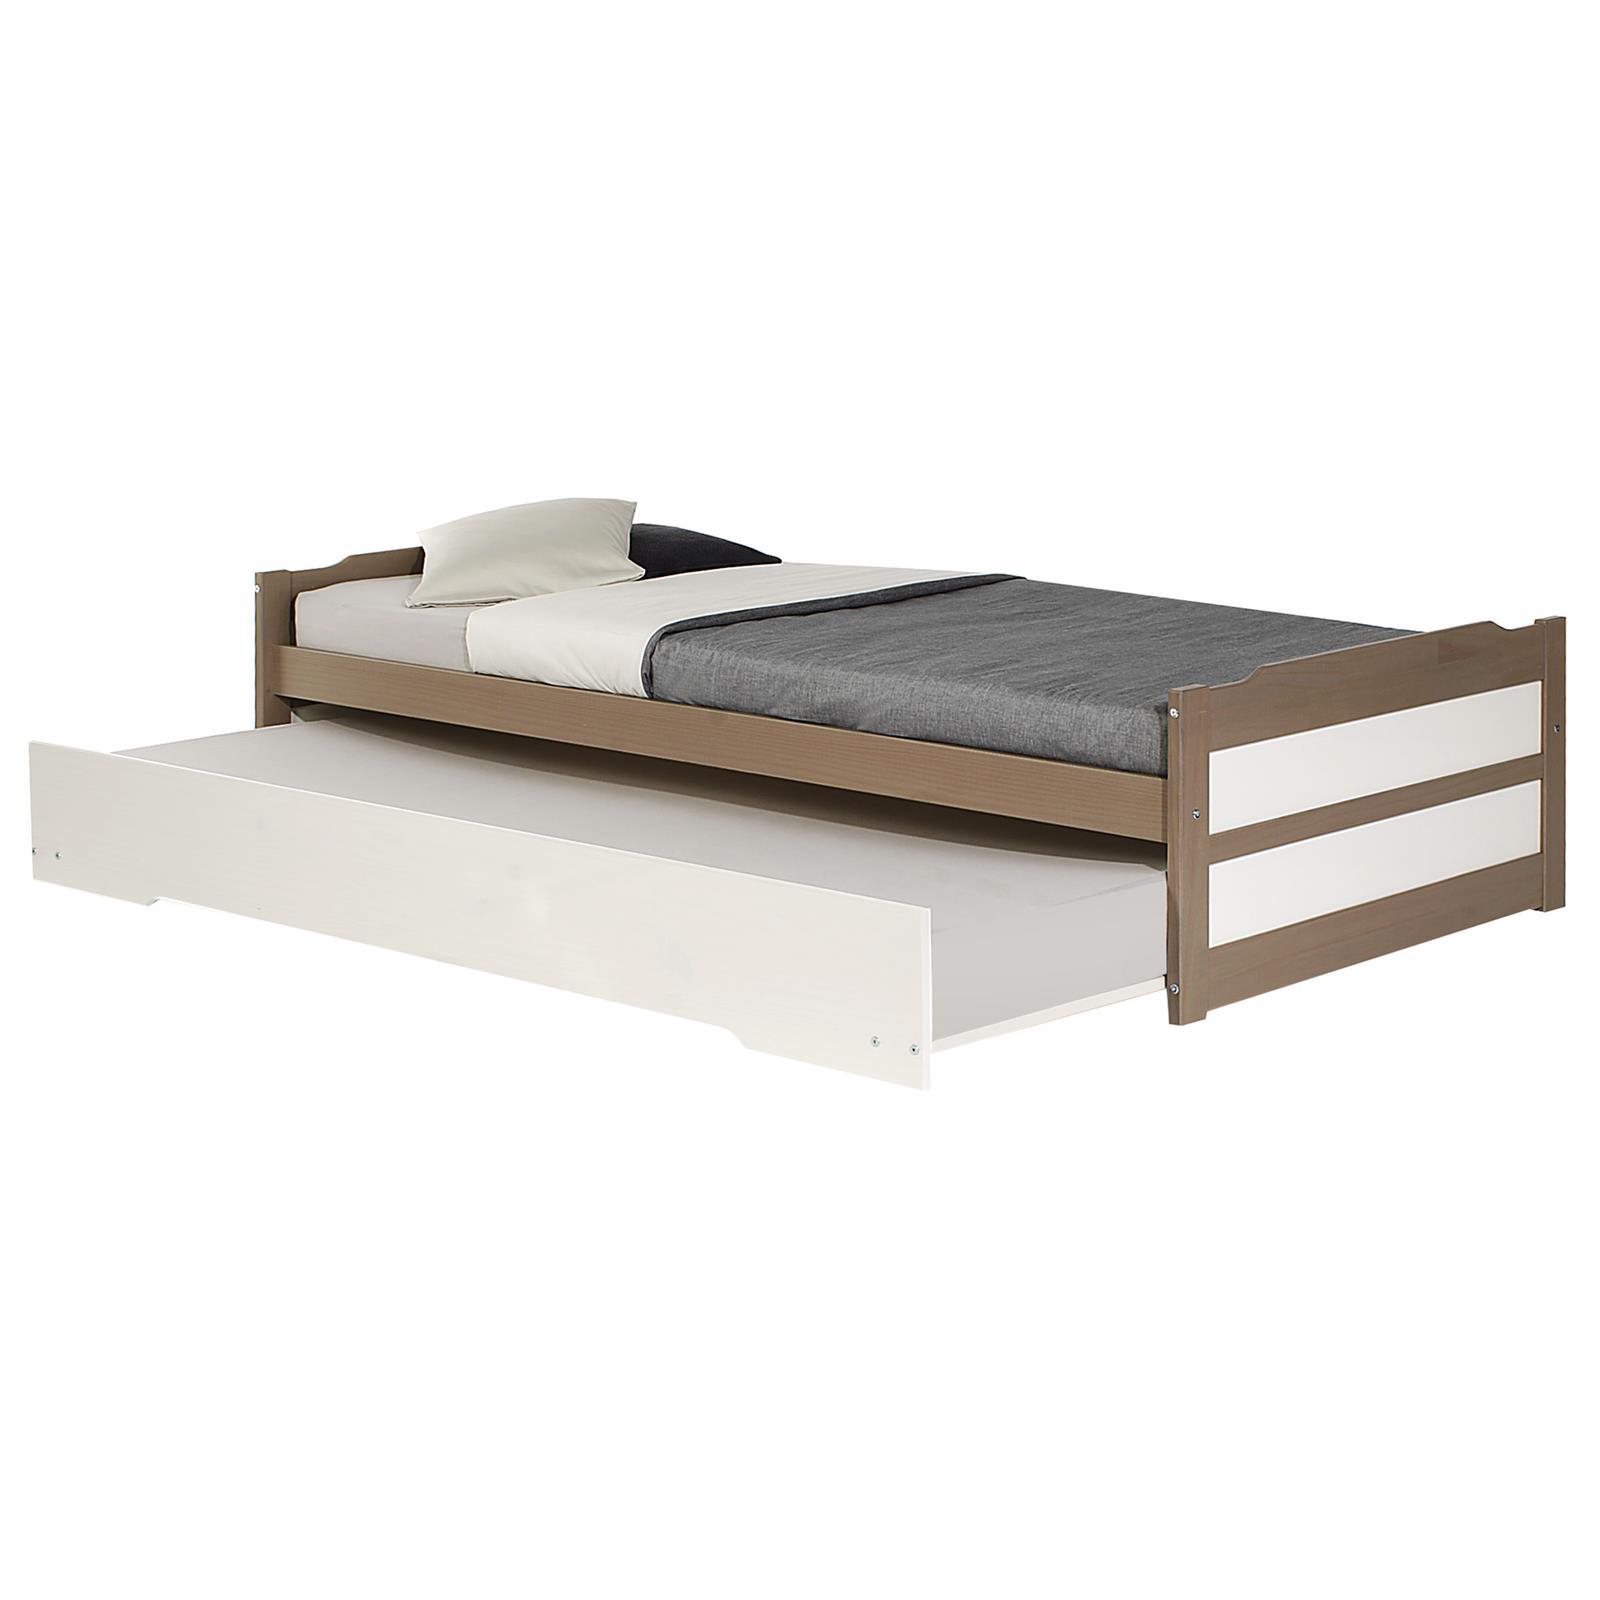 Wohnzimmer Sitzsack Chacos In Weiß Taupe: Funktionsbett In Taupe/weiß, 90 X 190 Cm